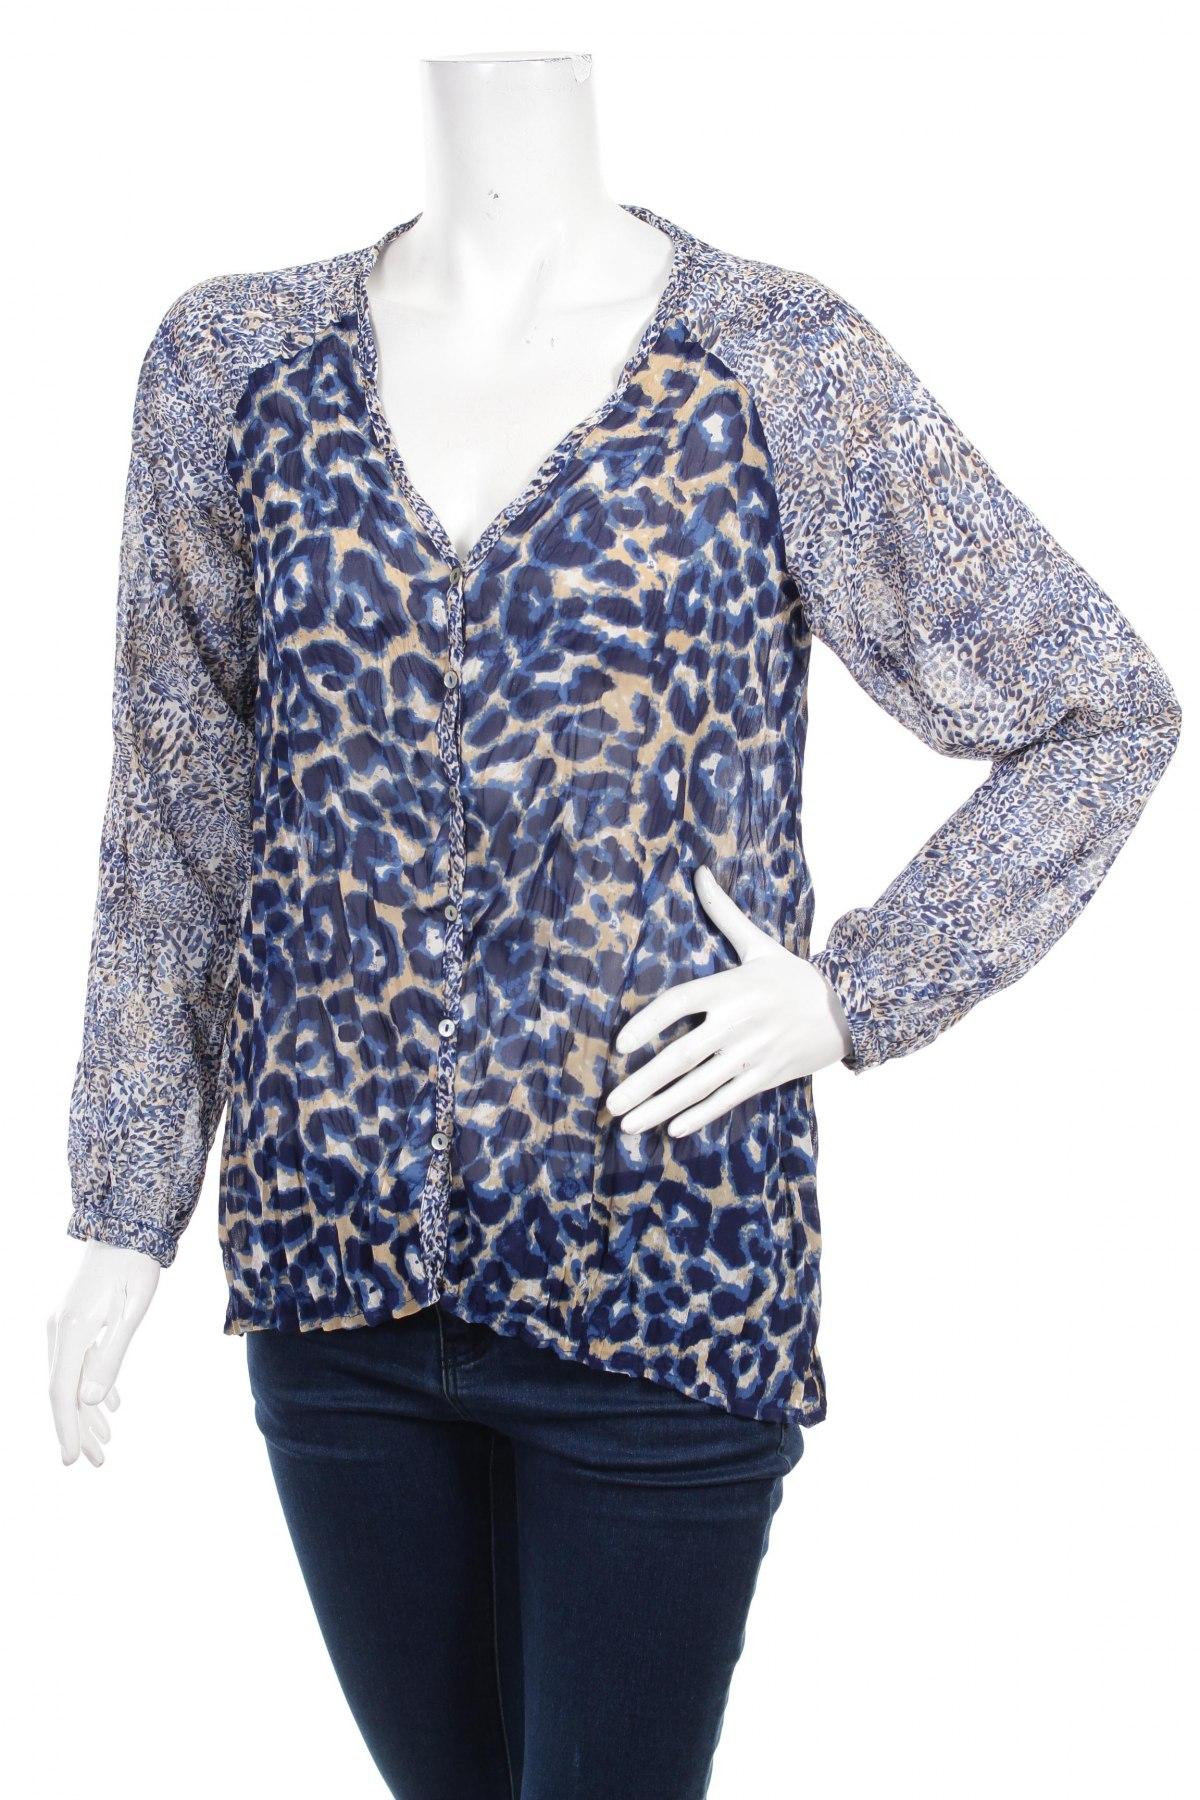 Γυναικείο πουκάμισο Best Connections, Μέγεθος S, Χρώμα Πολύχρωμο, Τιμή 20,10€